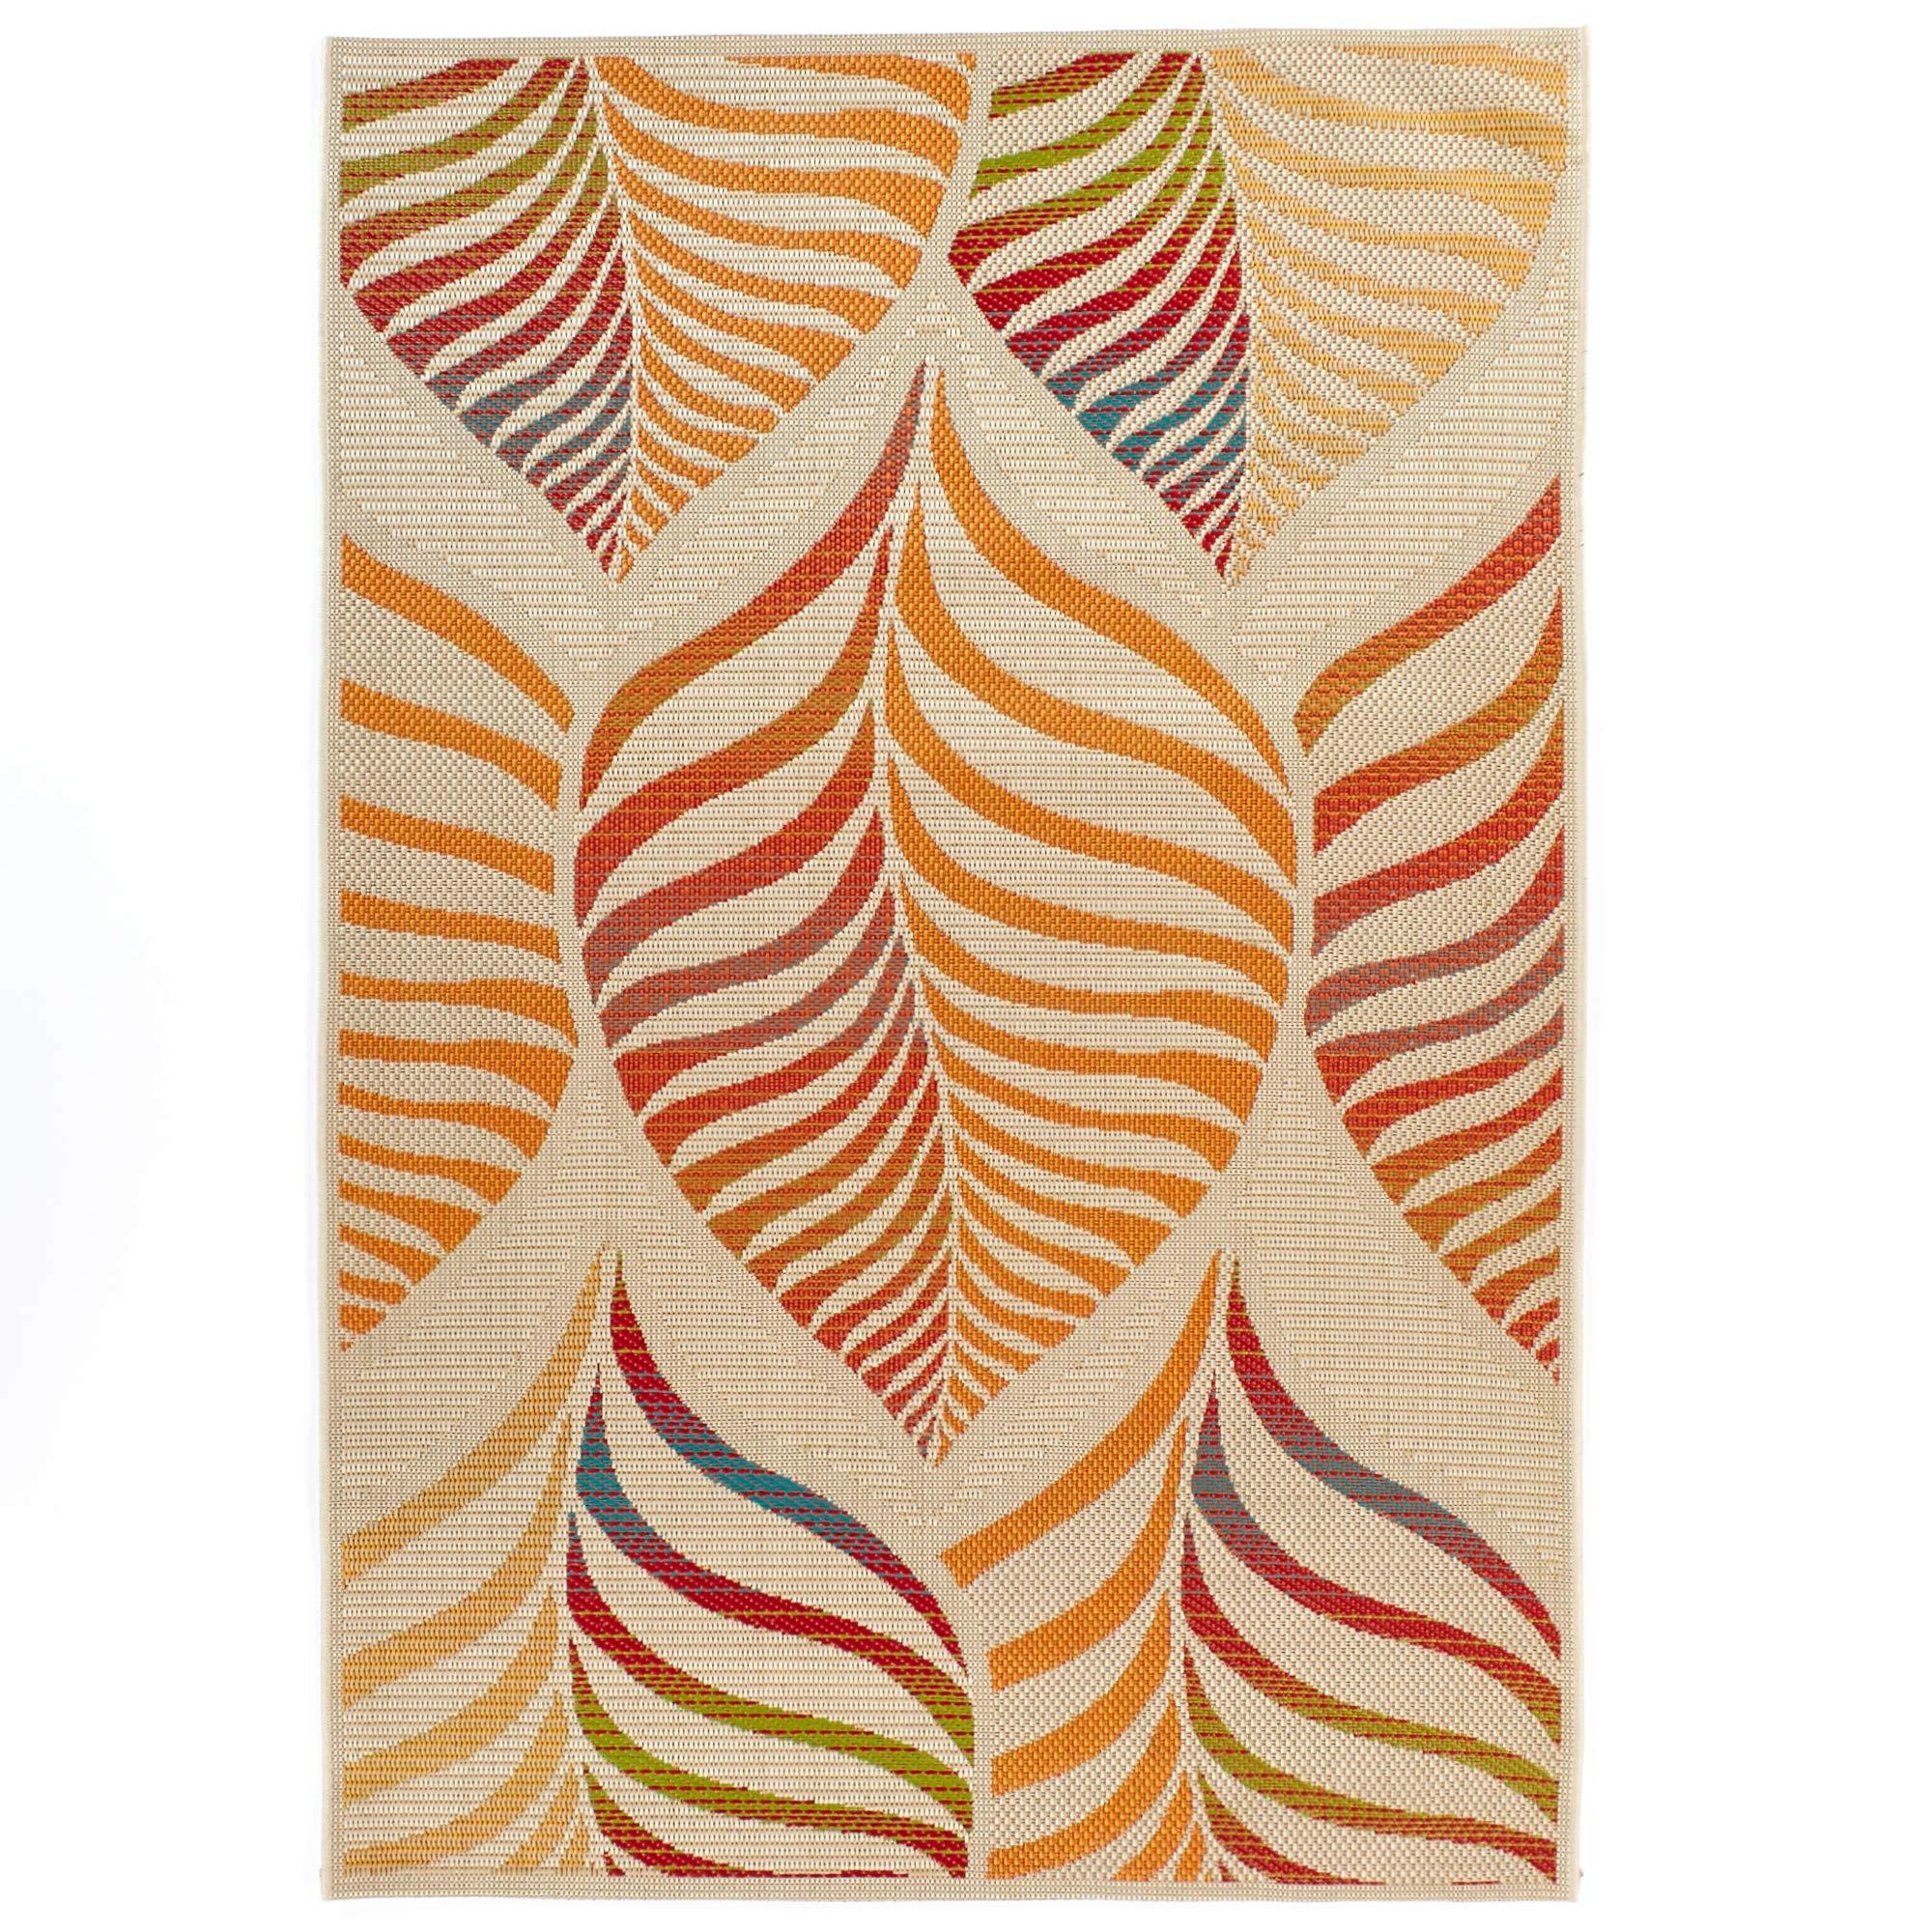 Carpet Art Deco Bellaire Collection Indoor Outdoor Rug, 5'3'' x7'5, Beige/Orange/Red